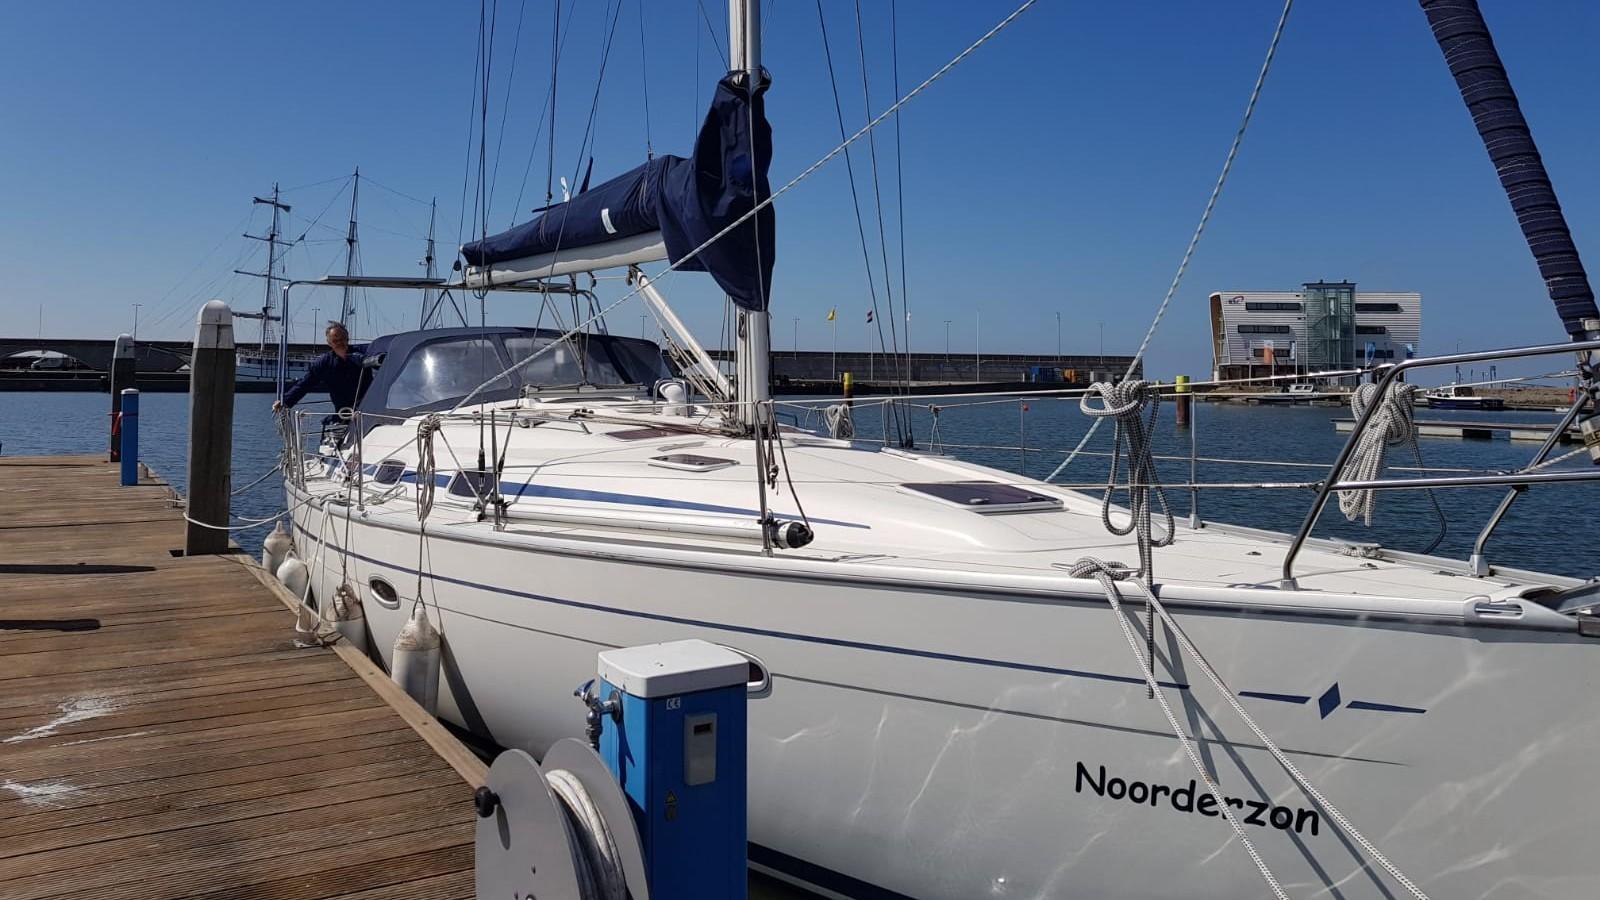 Gestolen zeilboot uit haven Enkhuizen, teruggevonden in Gelderland